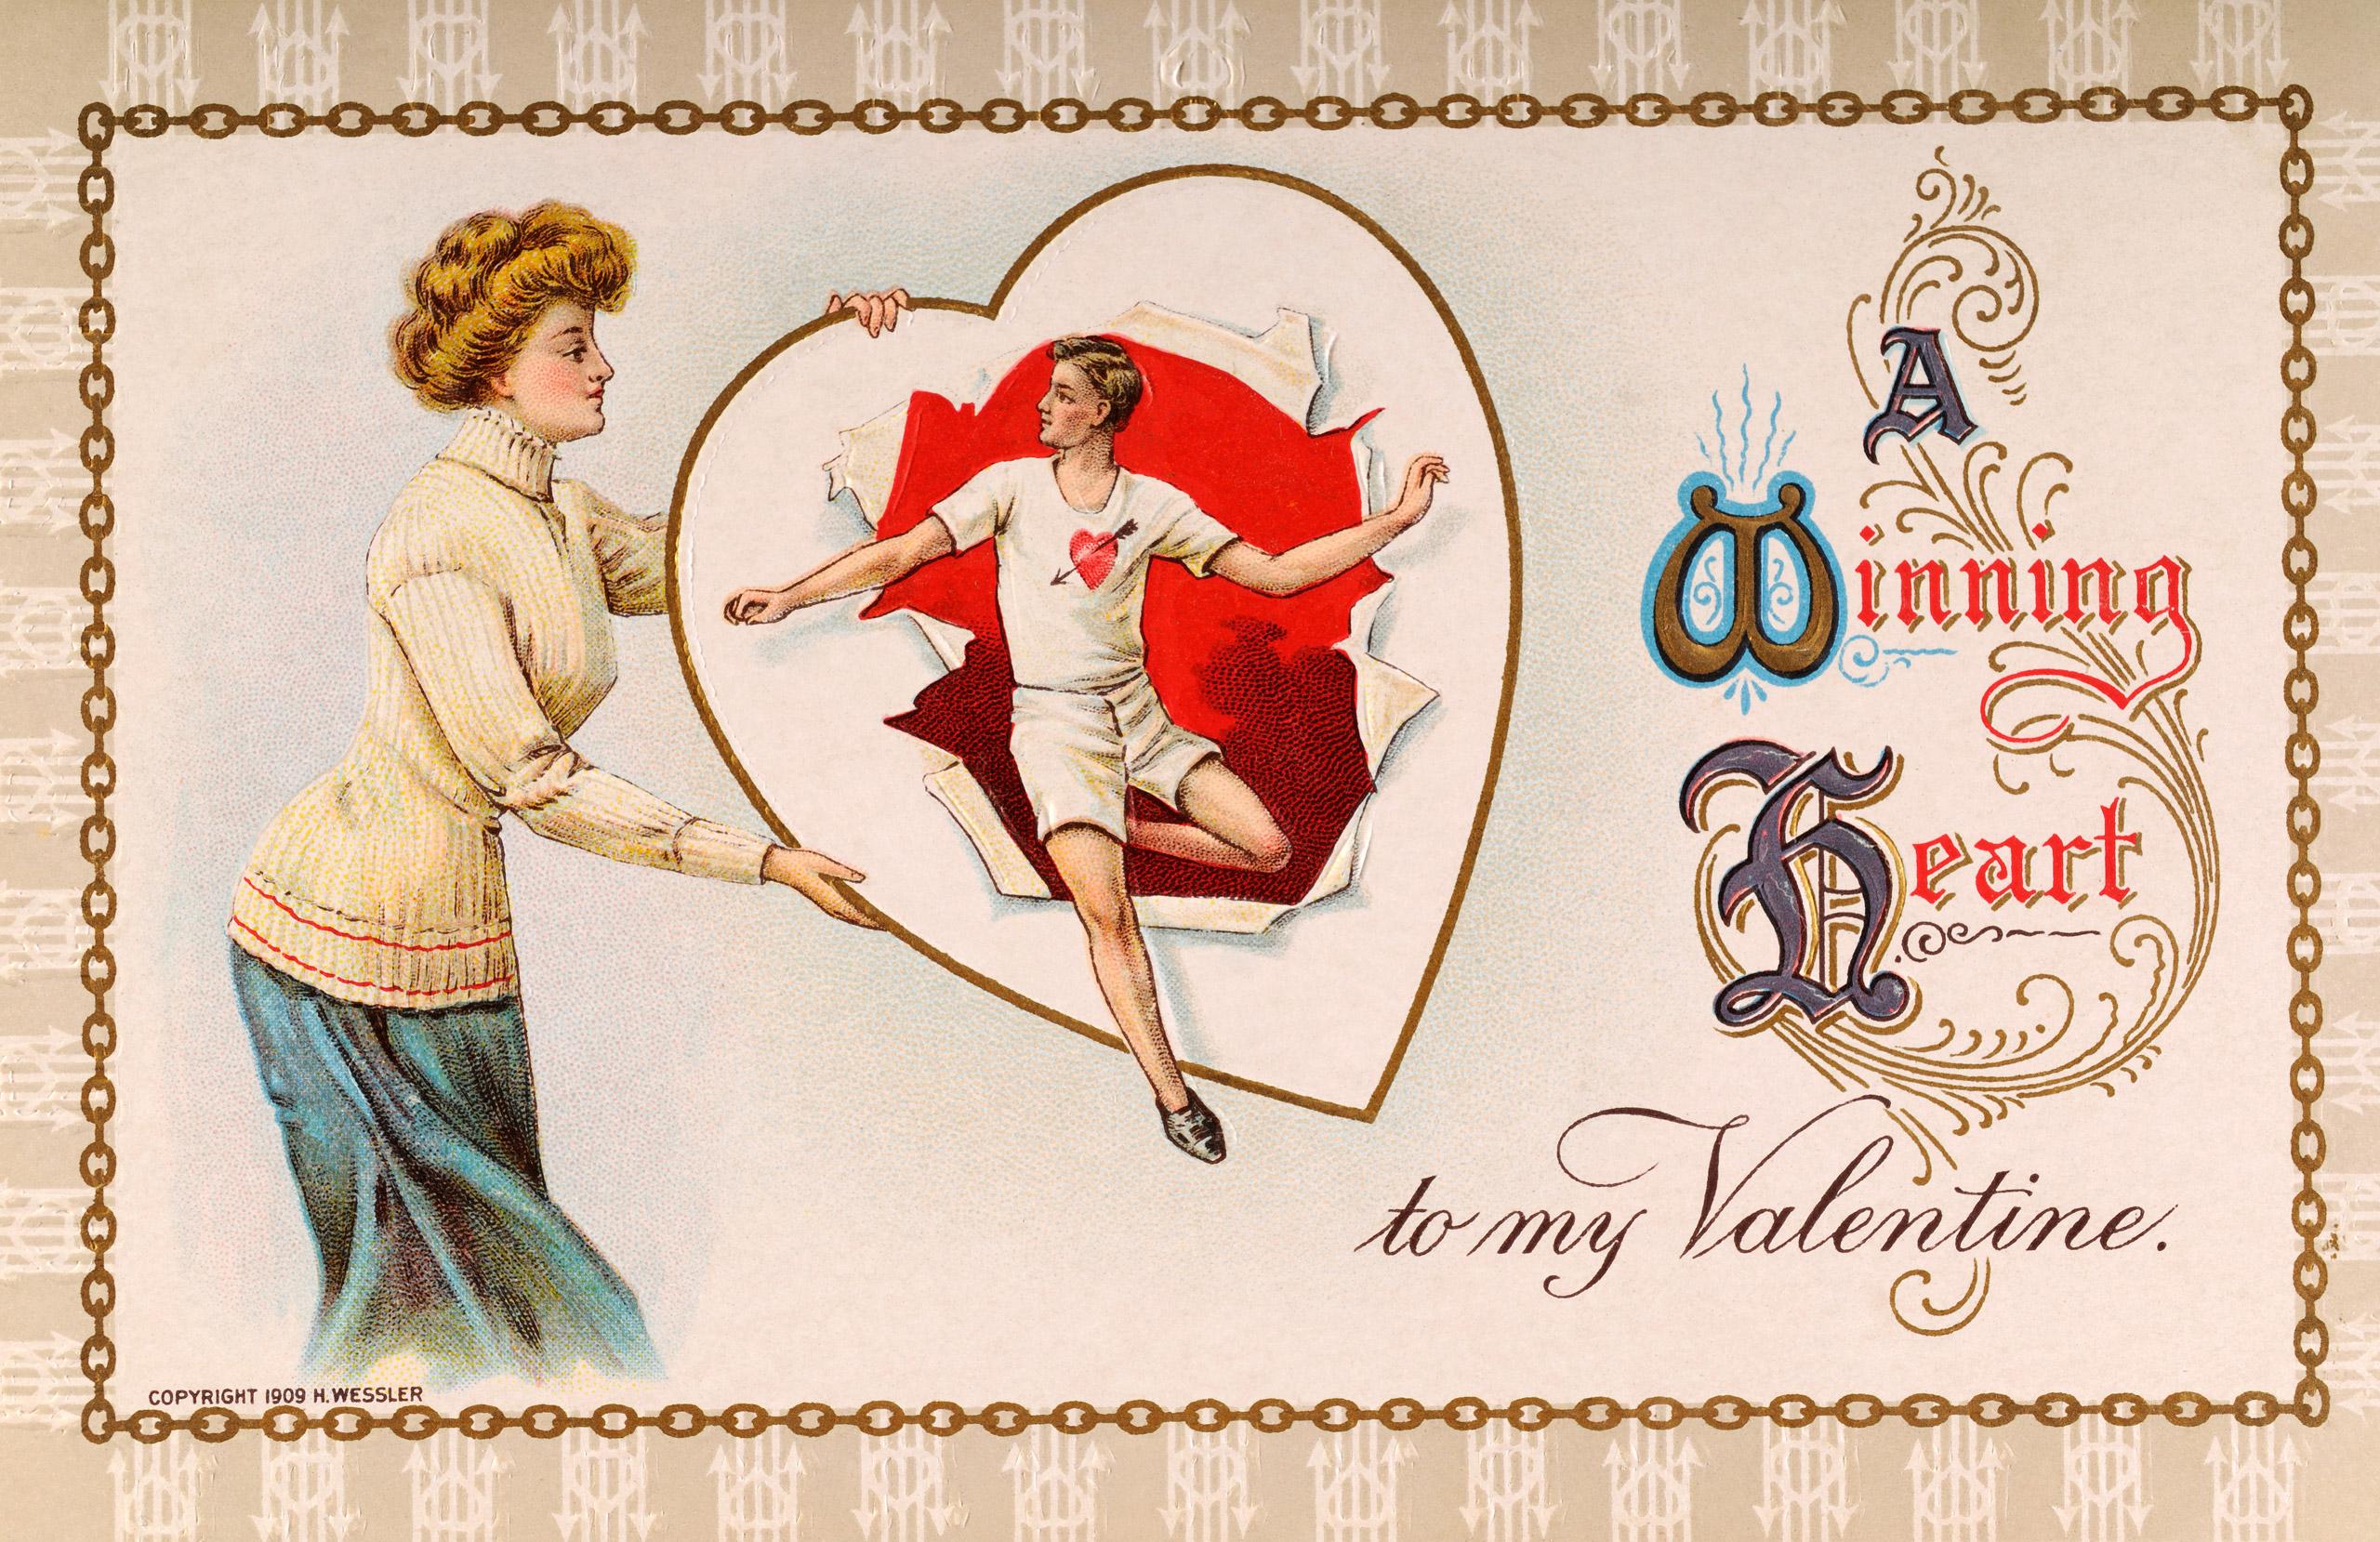 Vintage Valentine's Day card circa 1920.